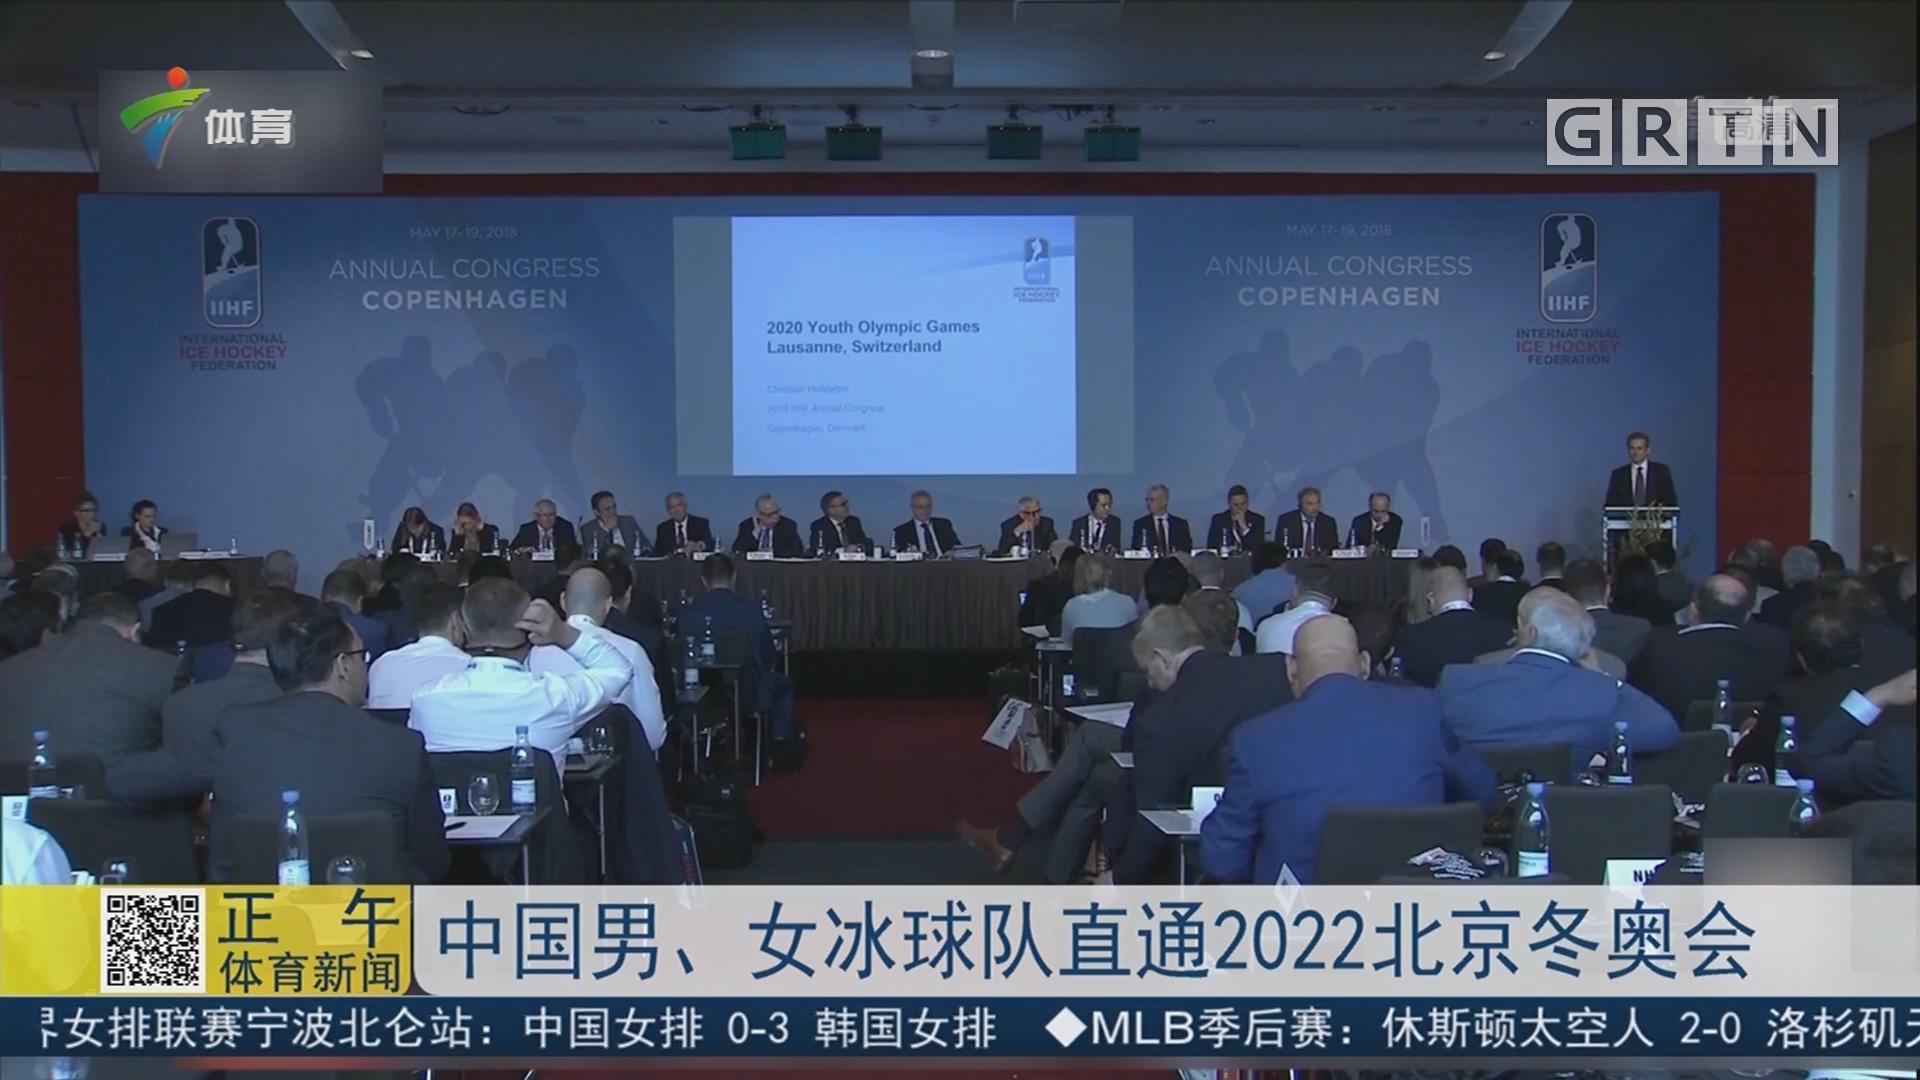 中国男、女冰球队直通2022北京冬奥会